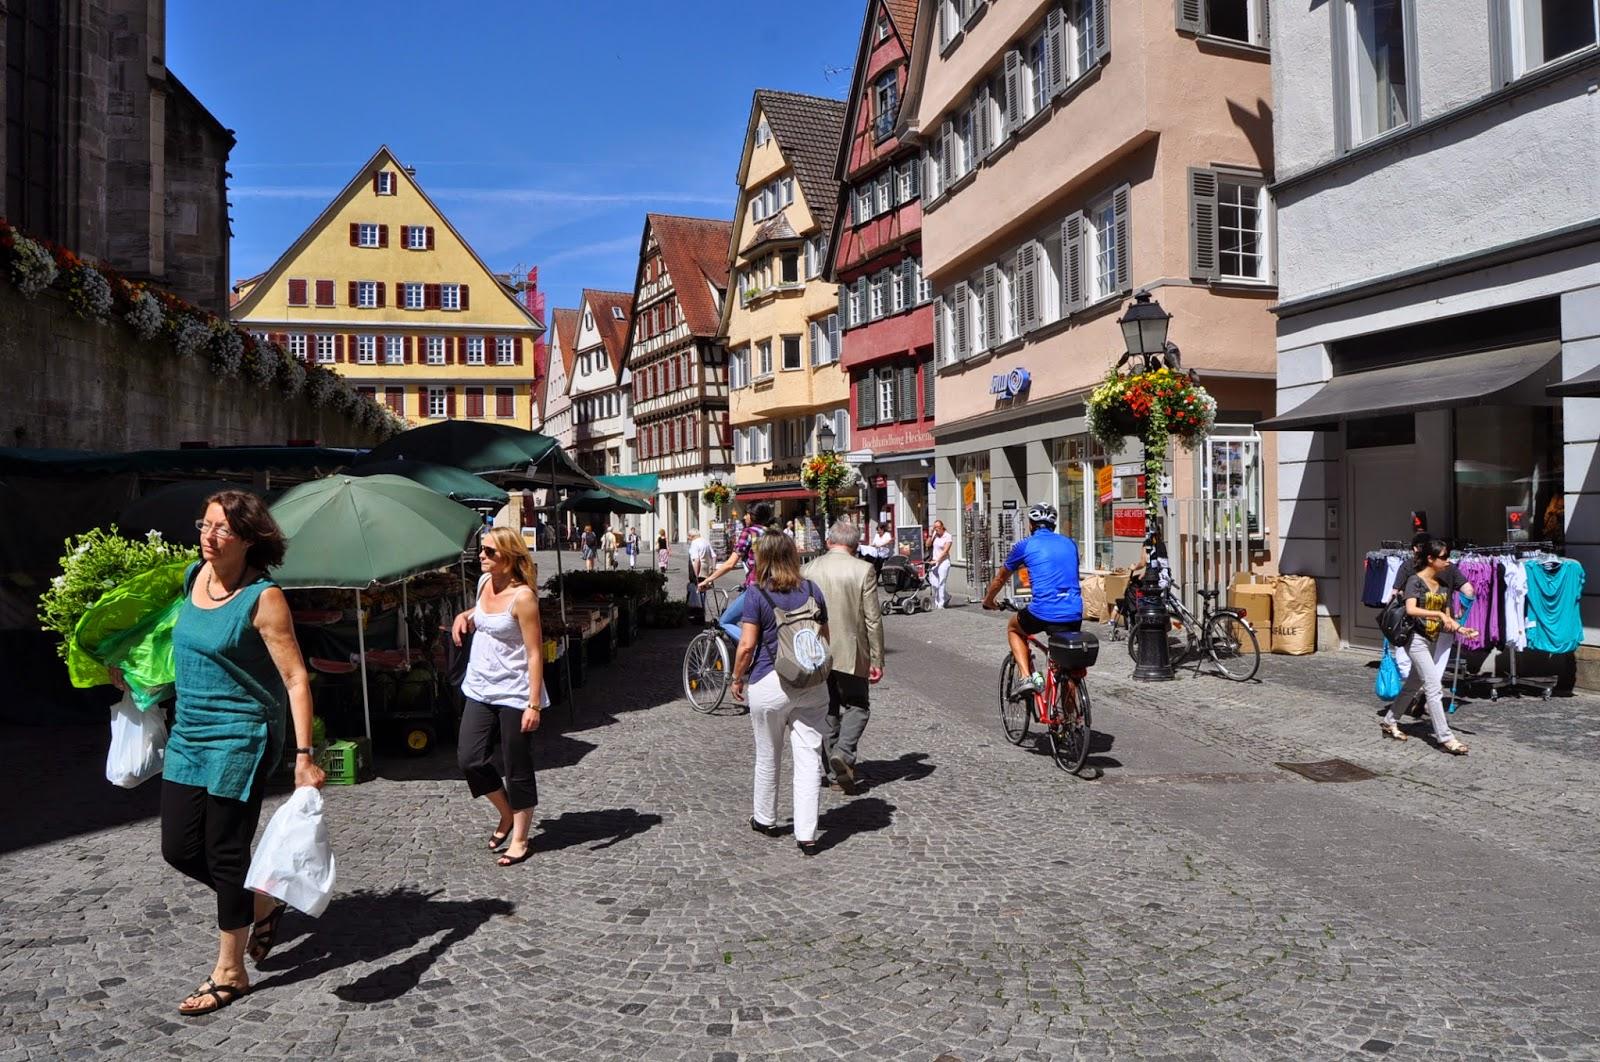 Fotos del mercadillo en la Plaza de Tubingen